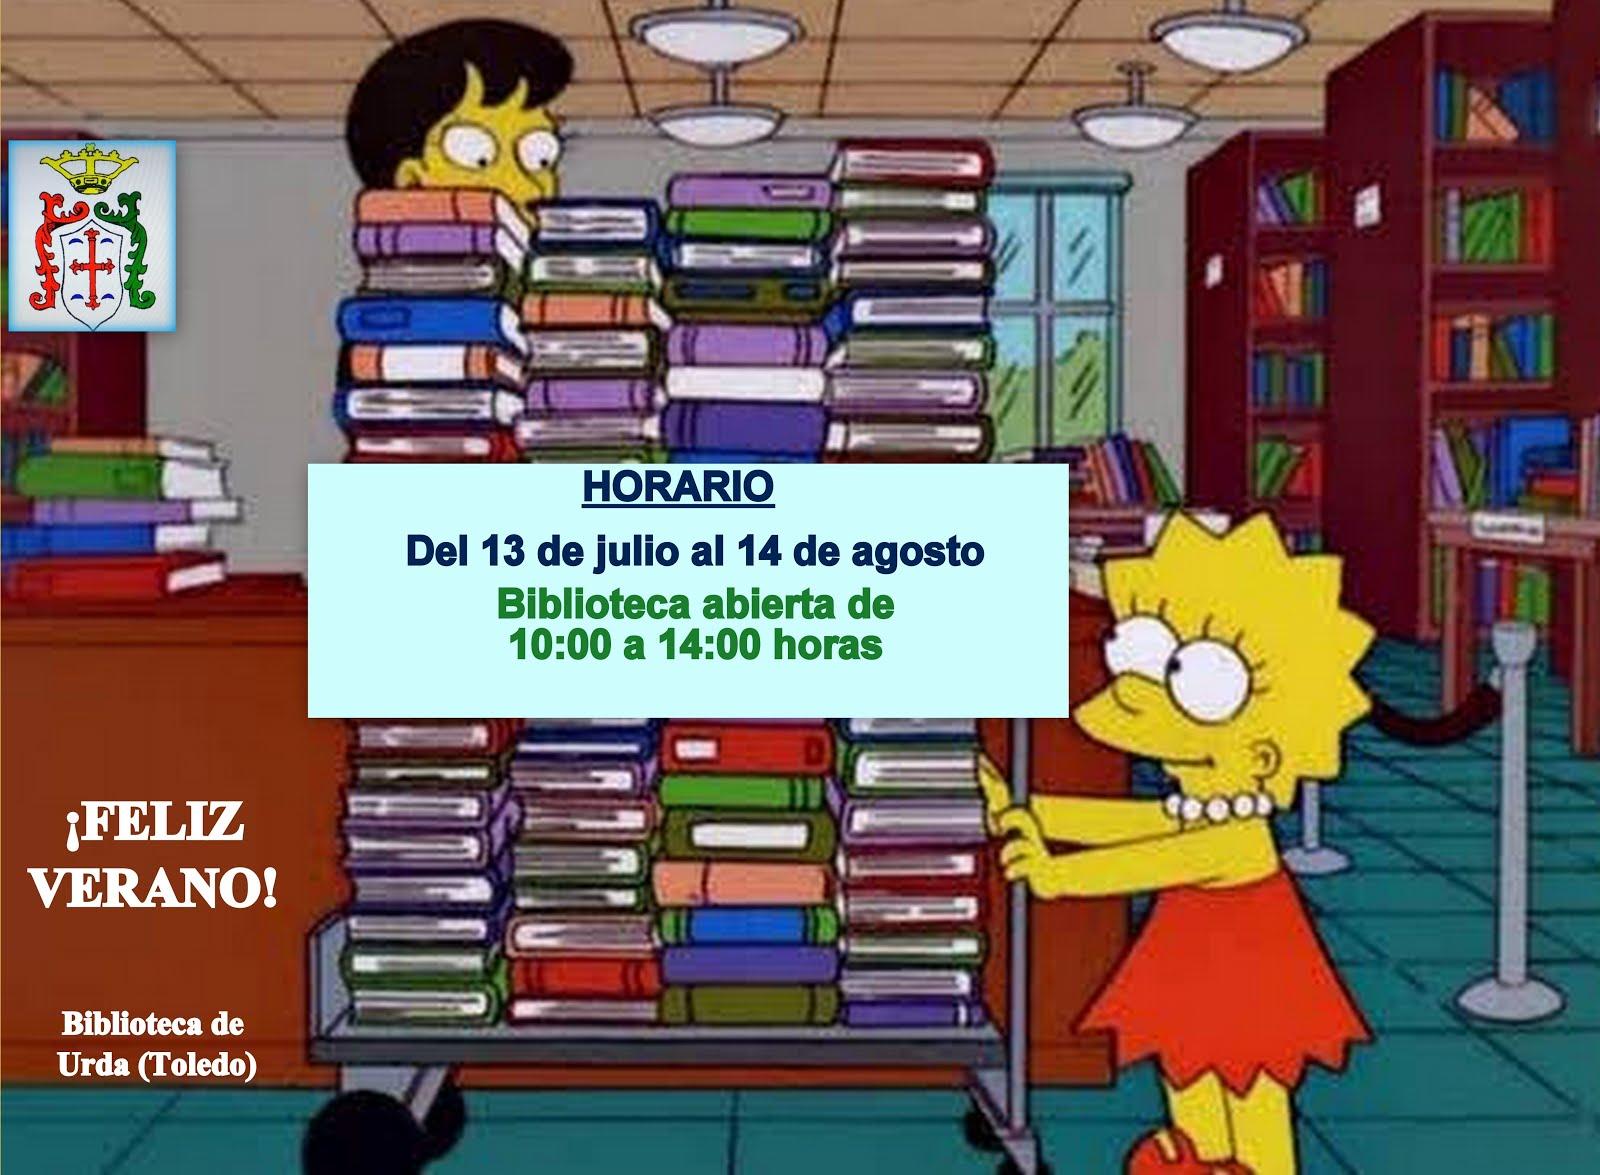 HORARIO DEL 13 DE JULIO al 14 de AGOSTO